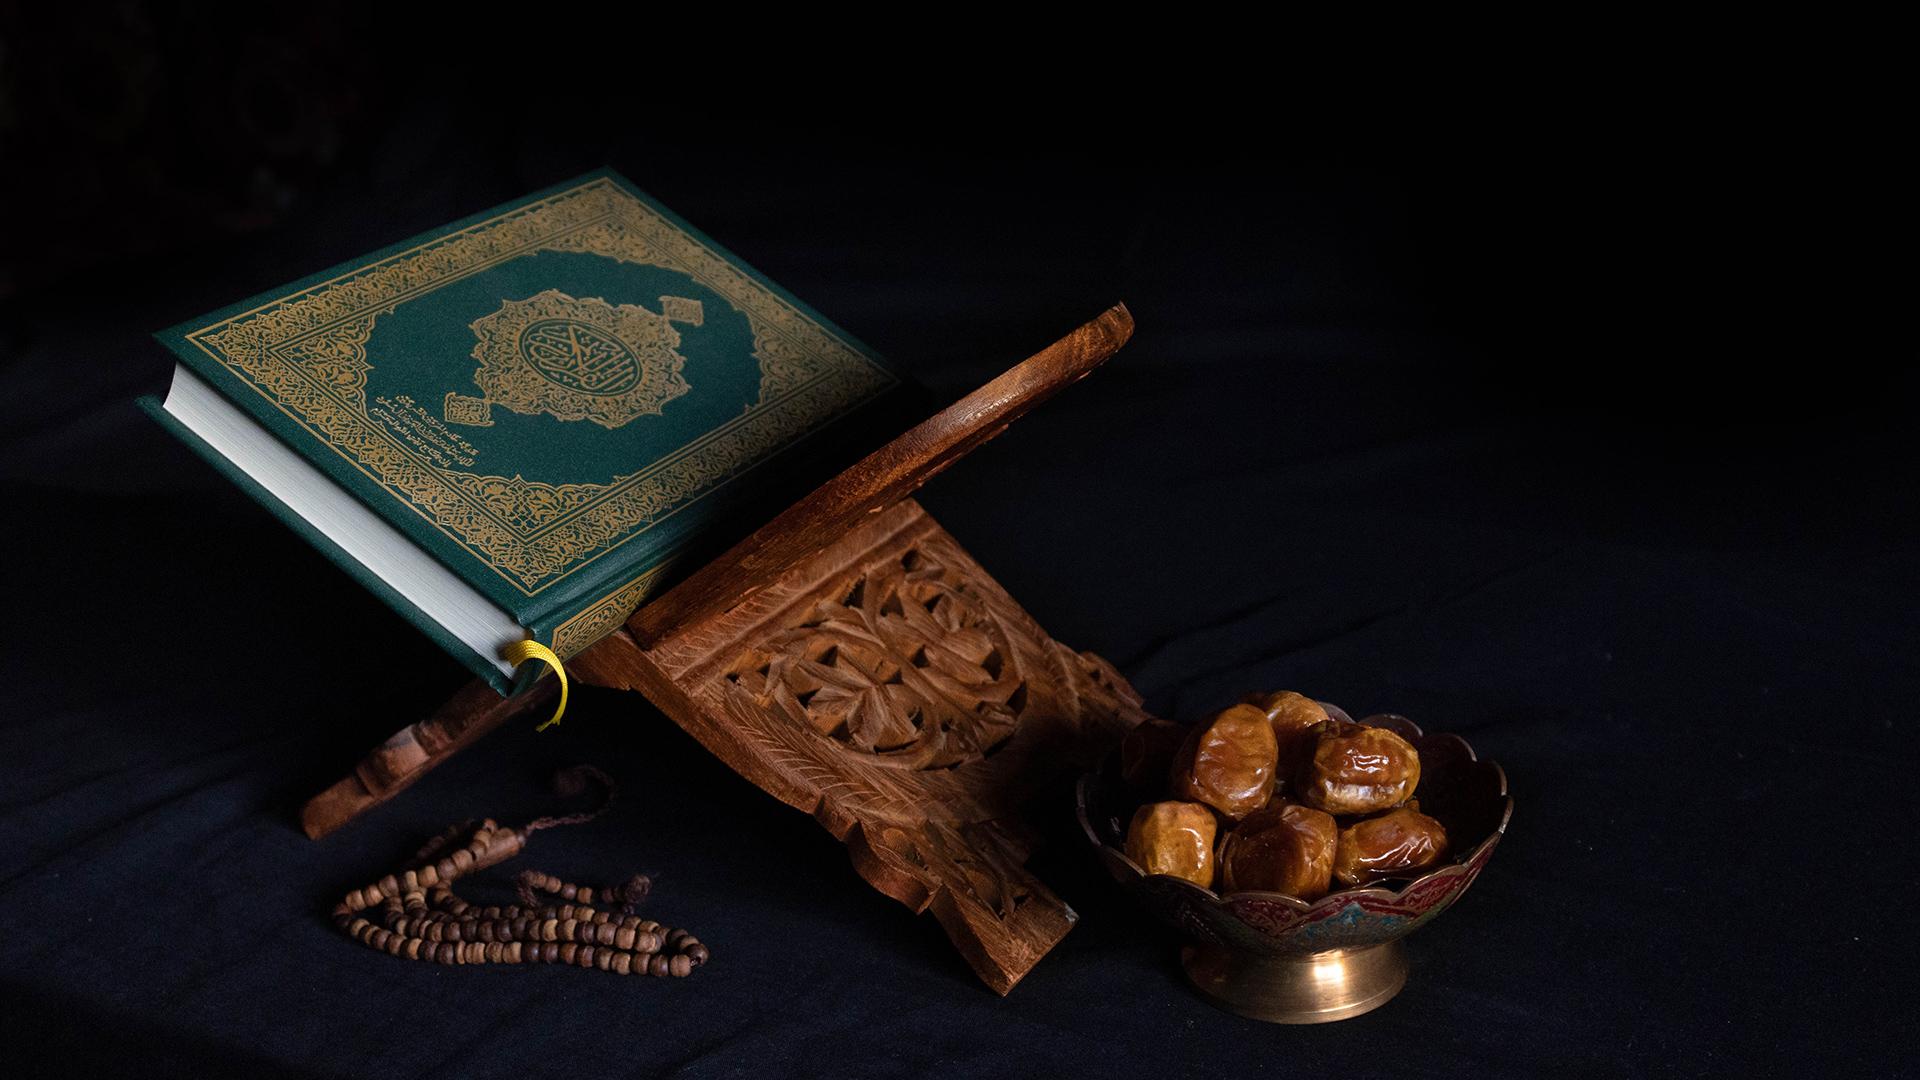 bina-qurani-di-indonesia-puasa-arafah-dilaksanakan-pada-tanggal-berapa